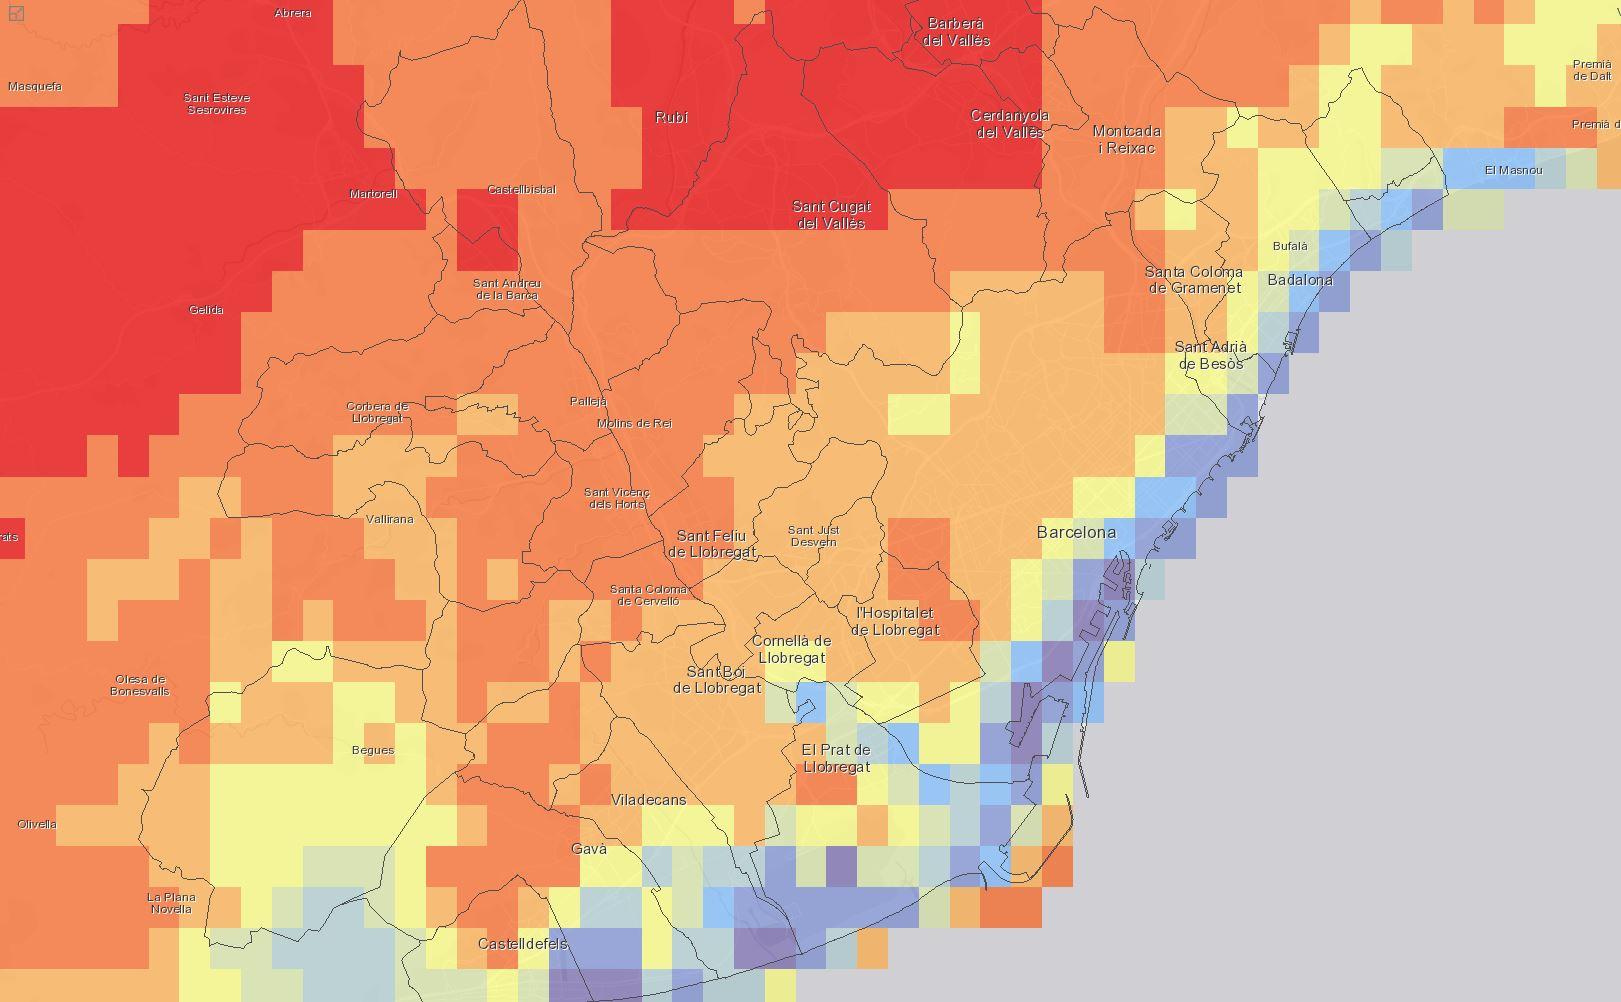 Barcelona Regional - Escenaris climàtics futurs. Servidor de mapes downscaling metropolità